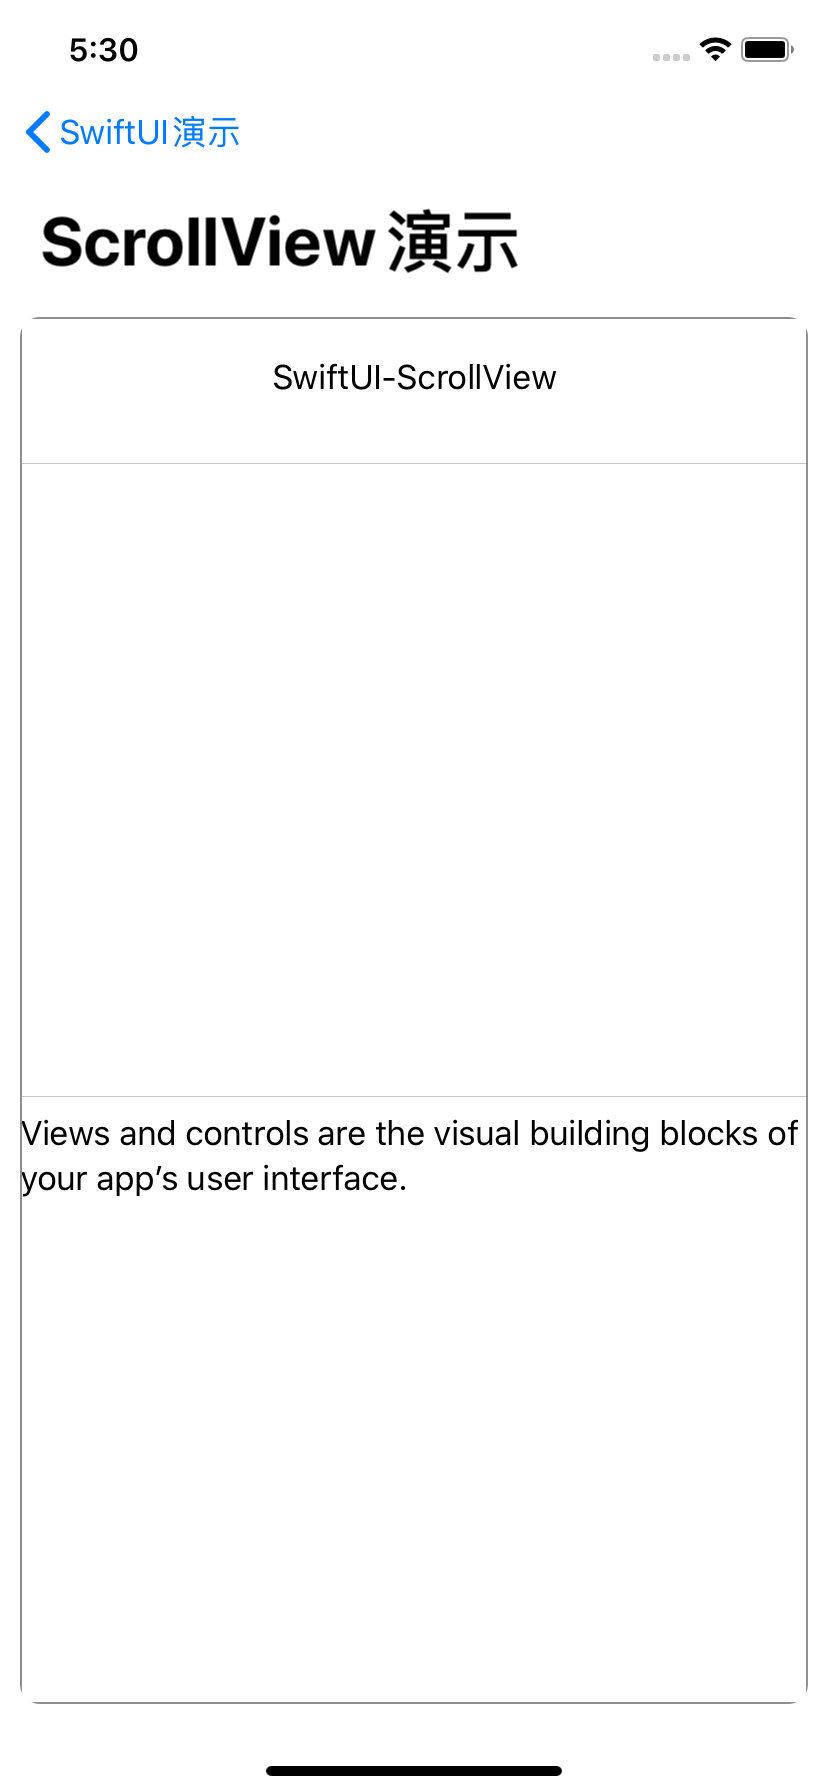 Simulator Screen Shot - iPhone 11 - 2020-07-21 at 17.30.01